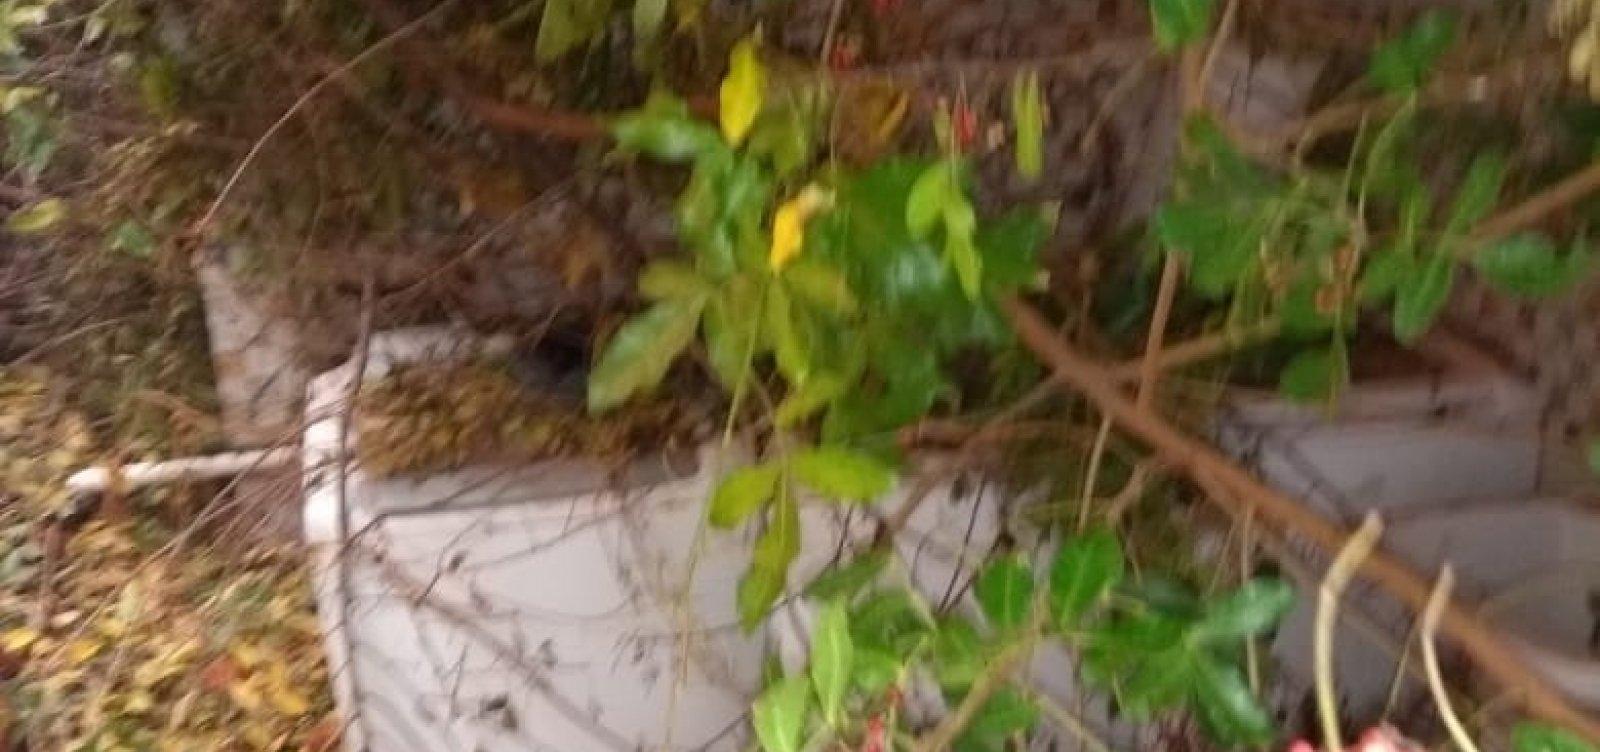 Árvore cai em residência e Codesal não faz vistoria, reclama leitor do Metro1